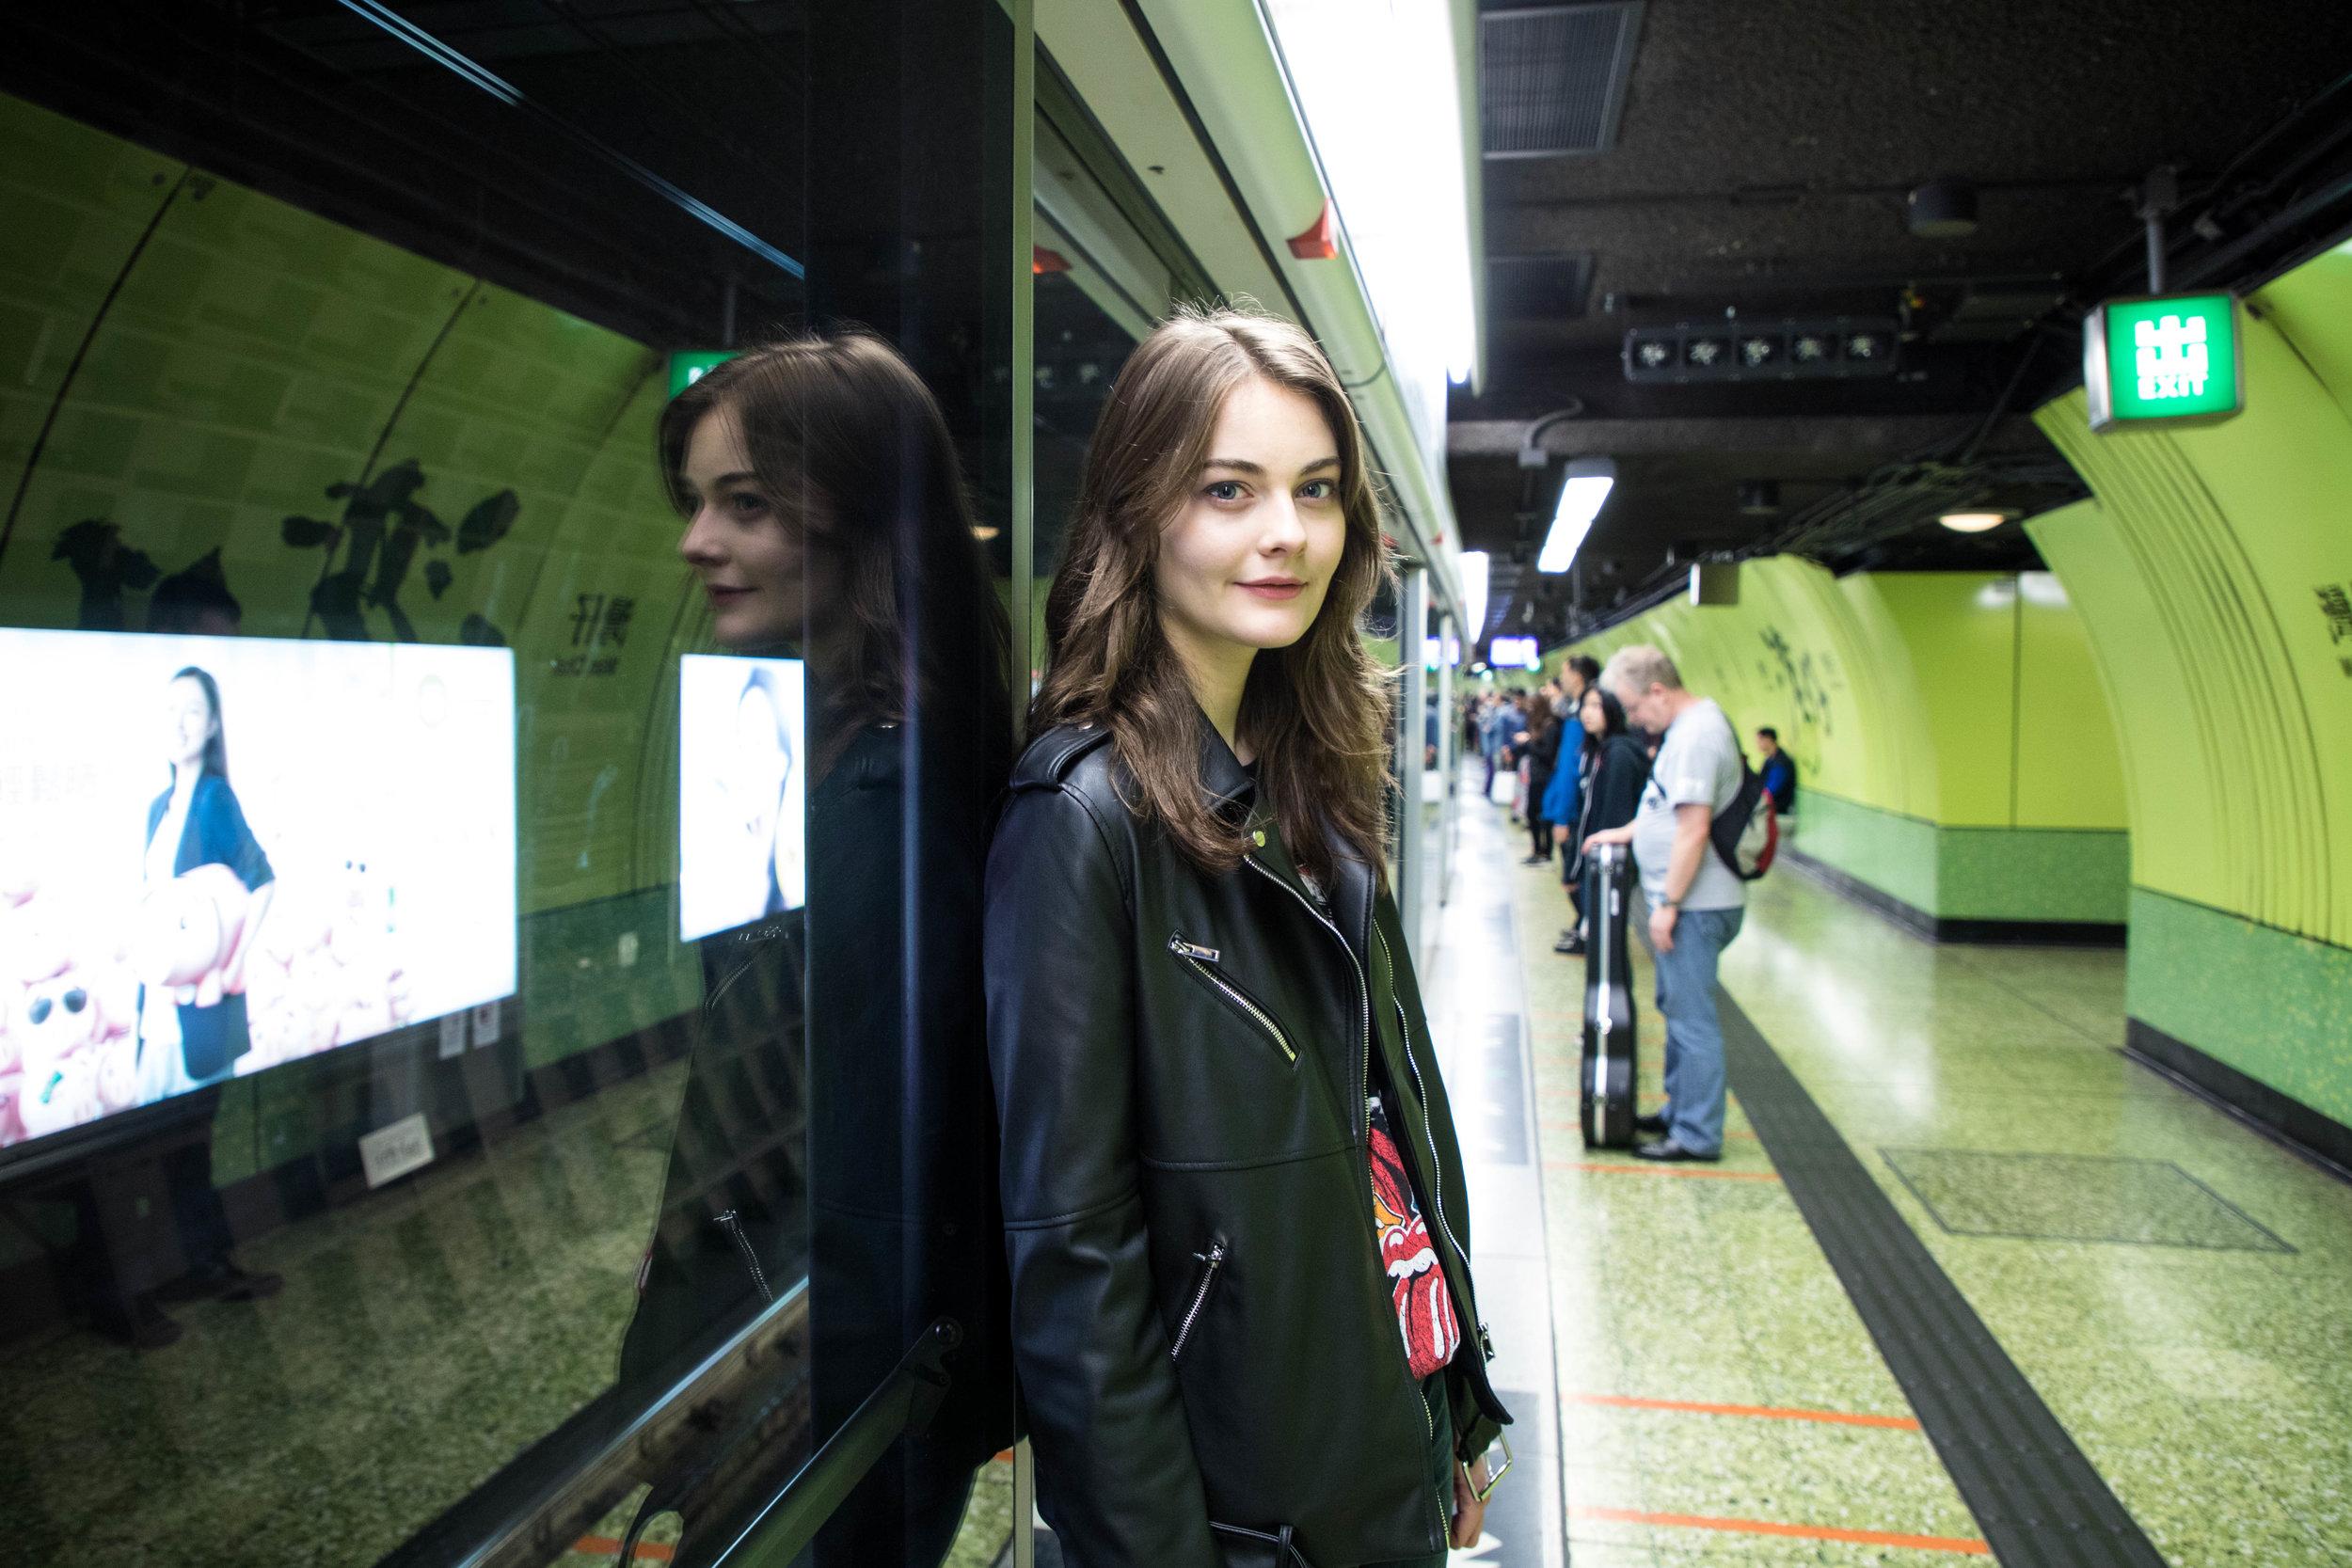 At the right subway platform. Shot at 24mm, ISO 1250, 1/30s, f/4